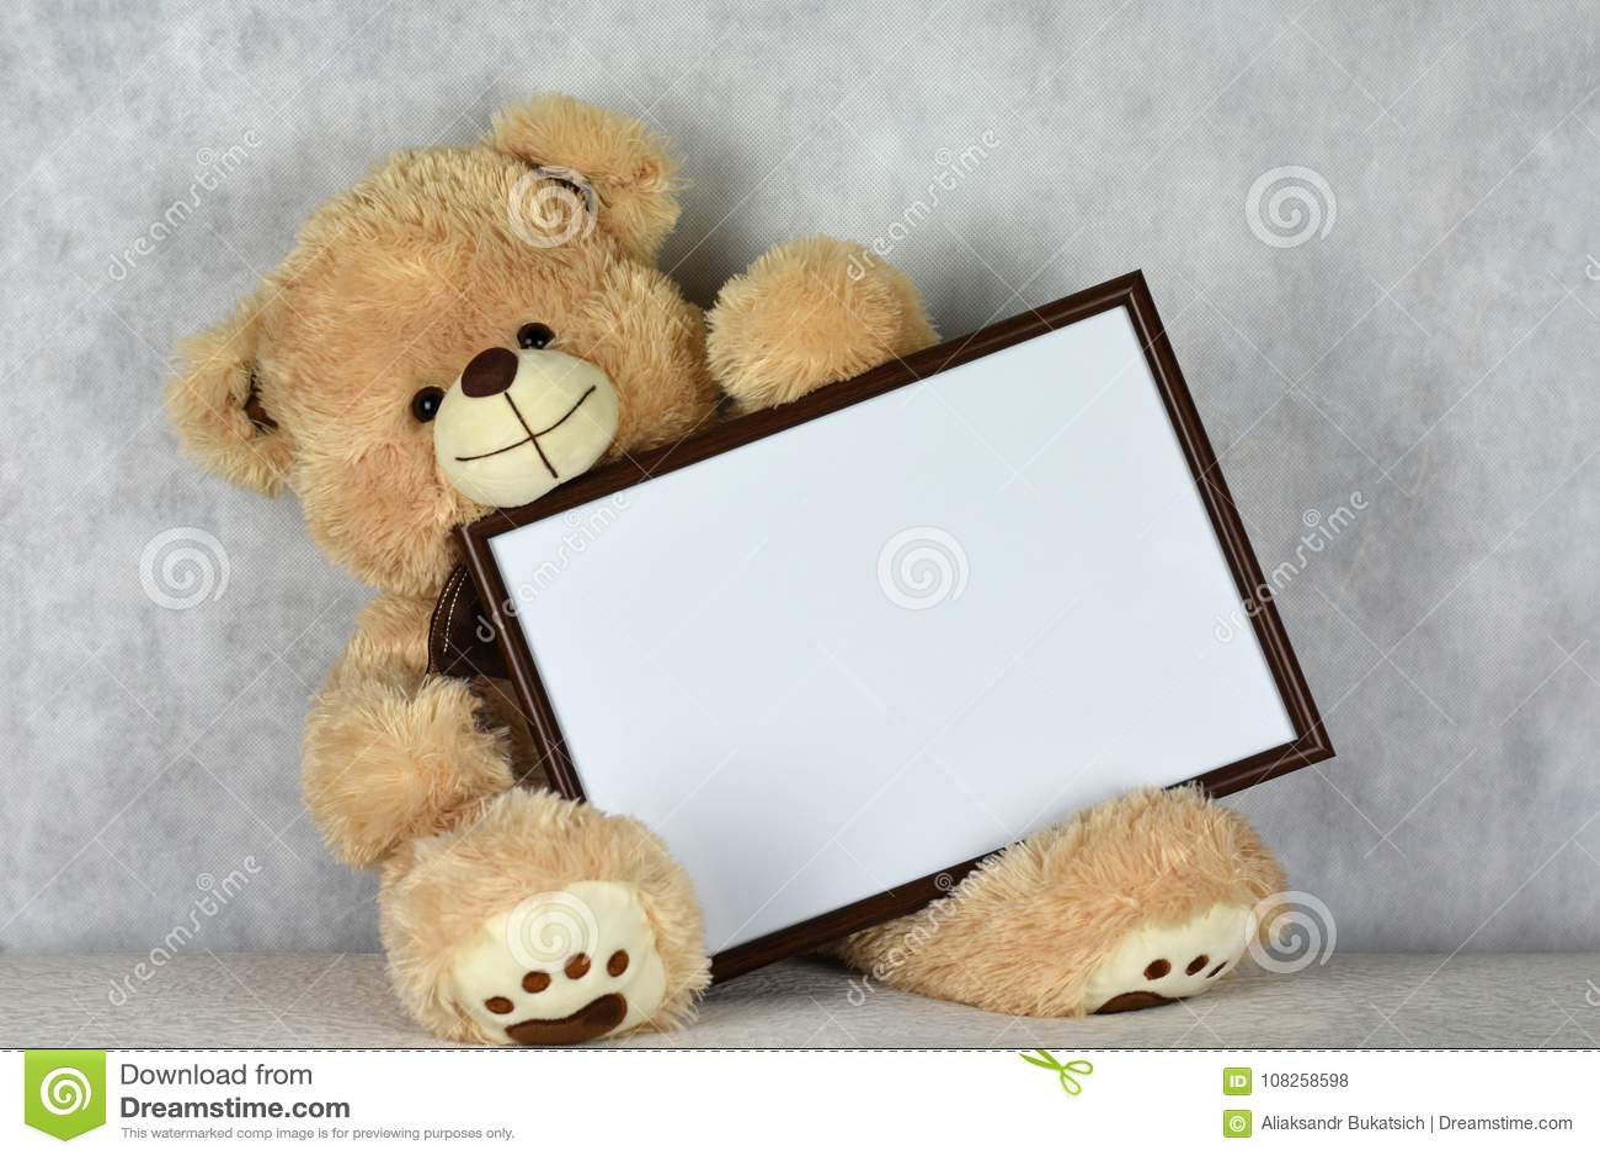 Ein Liebevoller Teddybär Hält Einen Rahmen Mit Einem Herzen Am Tag ...